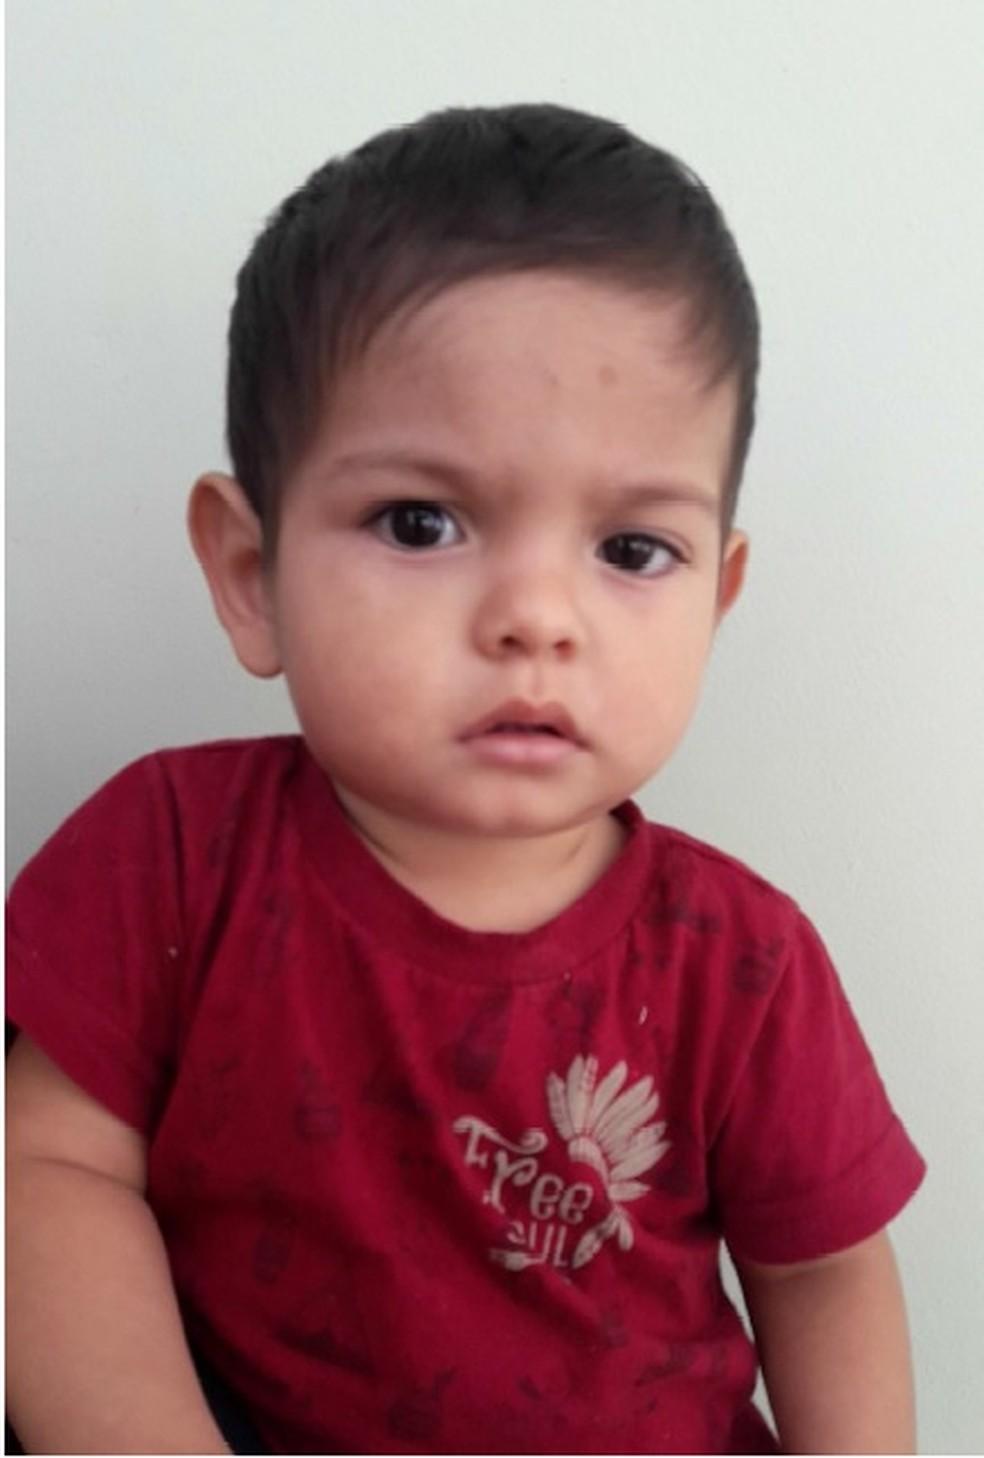 Segundo a polícia, desde o dia 10, quando o menino foi encontrado, ninguém o procurou (Foto: Divulgação/Vara da Infância e Juventude)